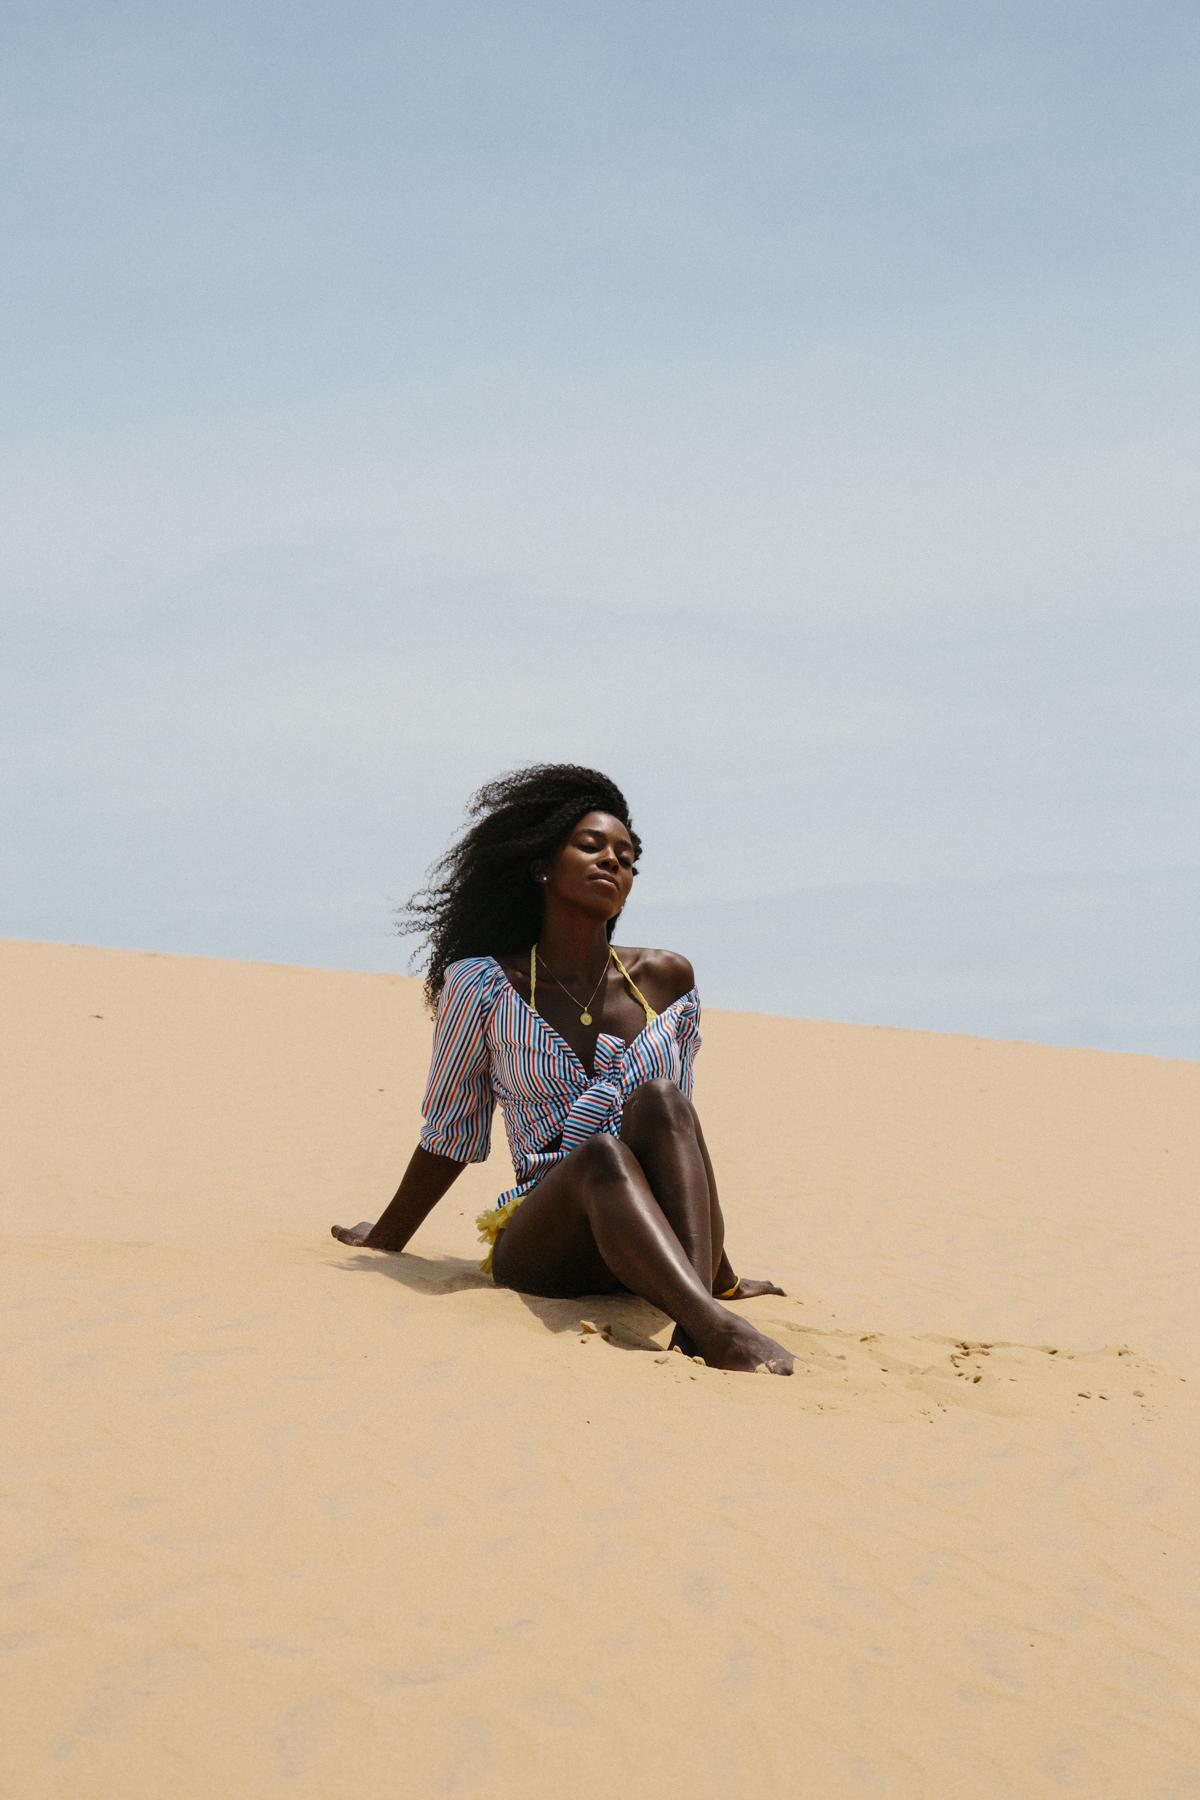 Spiritedpursuit_leelitumbe_mozambique_bazarutoarchipelago-227.jpg